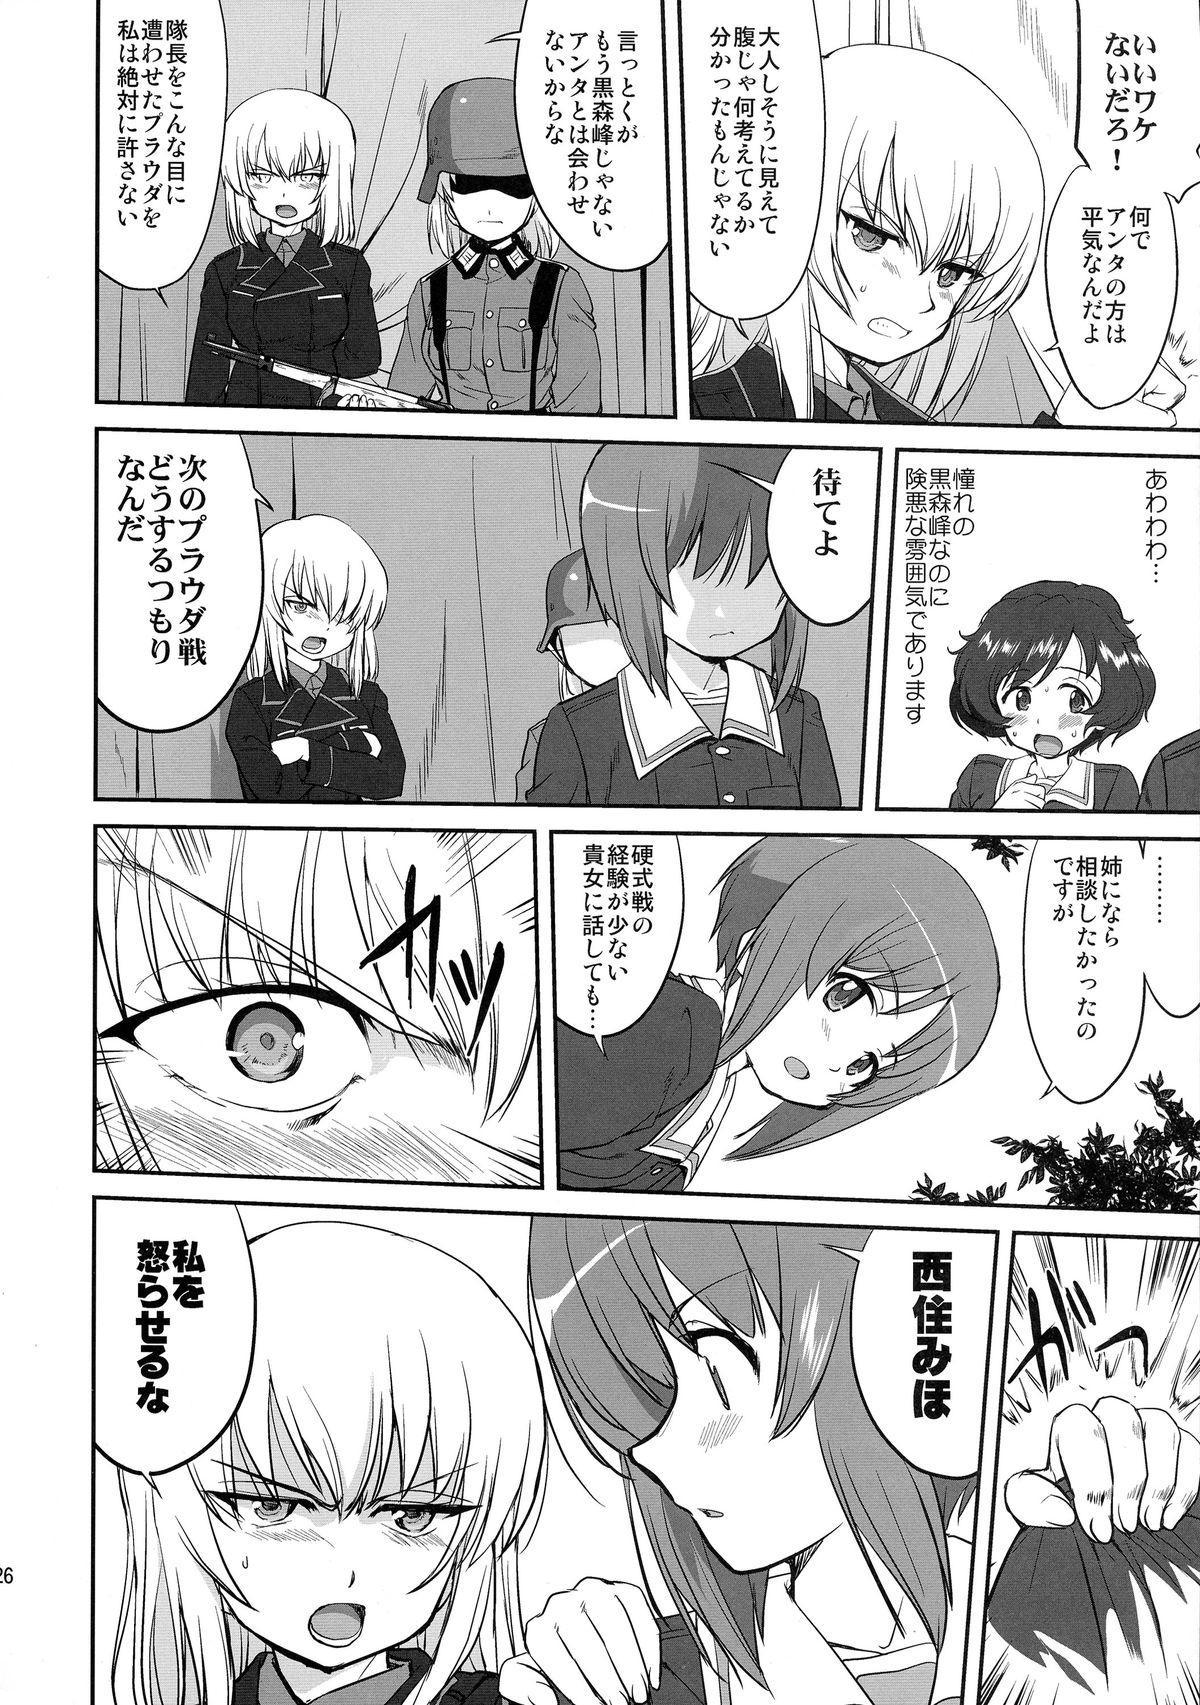 Yukiyukite Senshadou Battle of Pravda 25